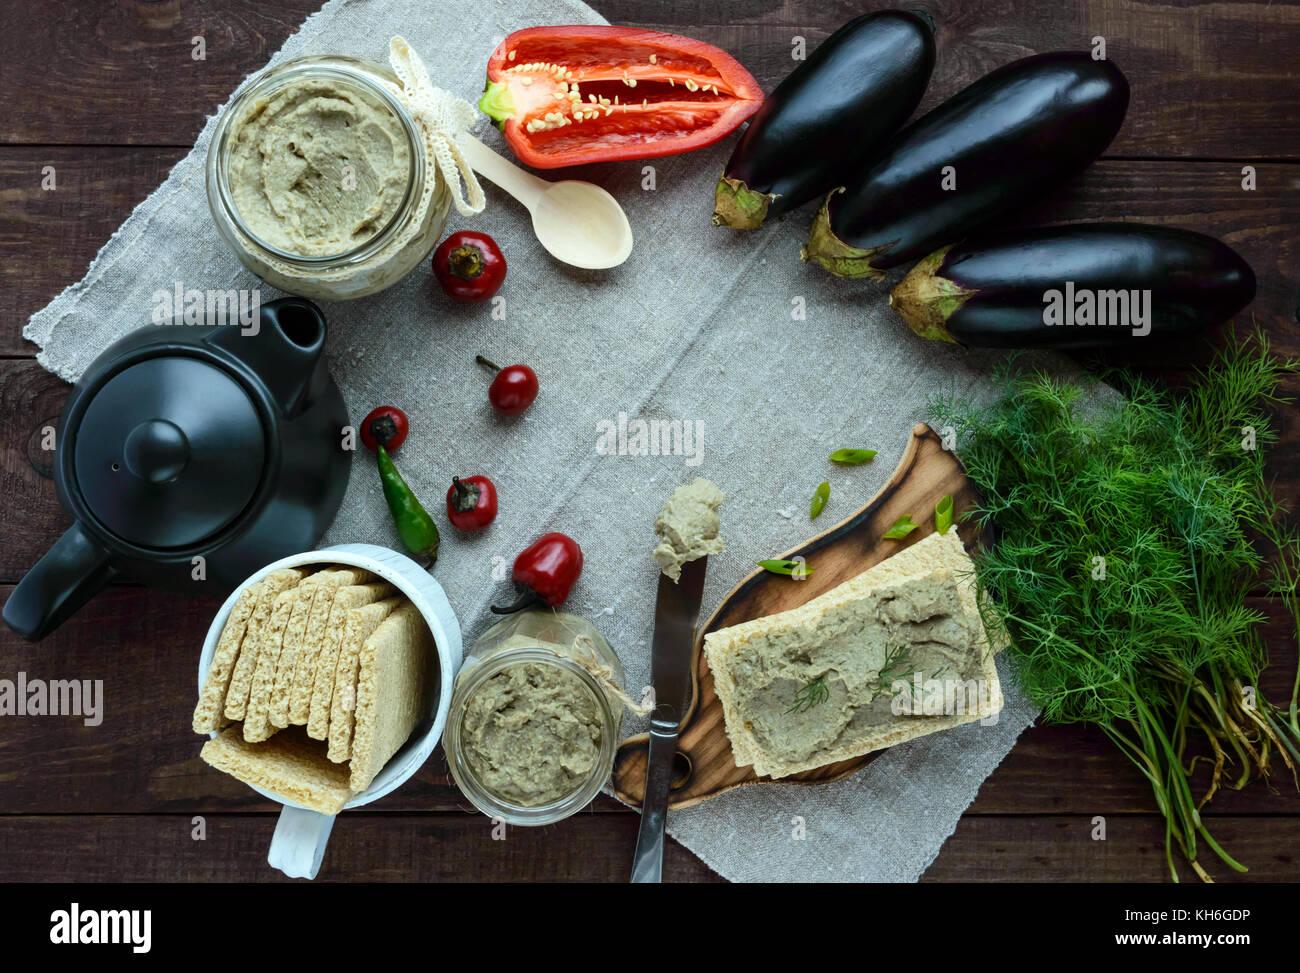 Sanfte einfügen, Einfügen von der Aubergine. diätetische Gerichte. Auf einem knackigen Kalorienarme Stockbild